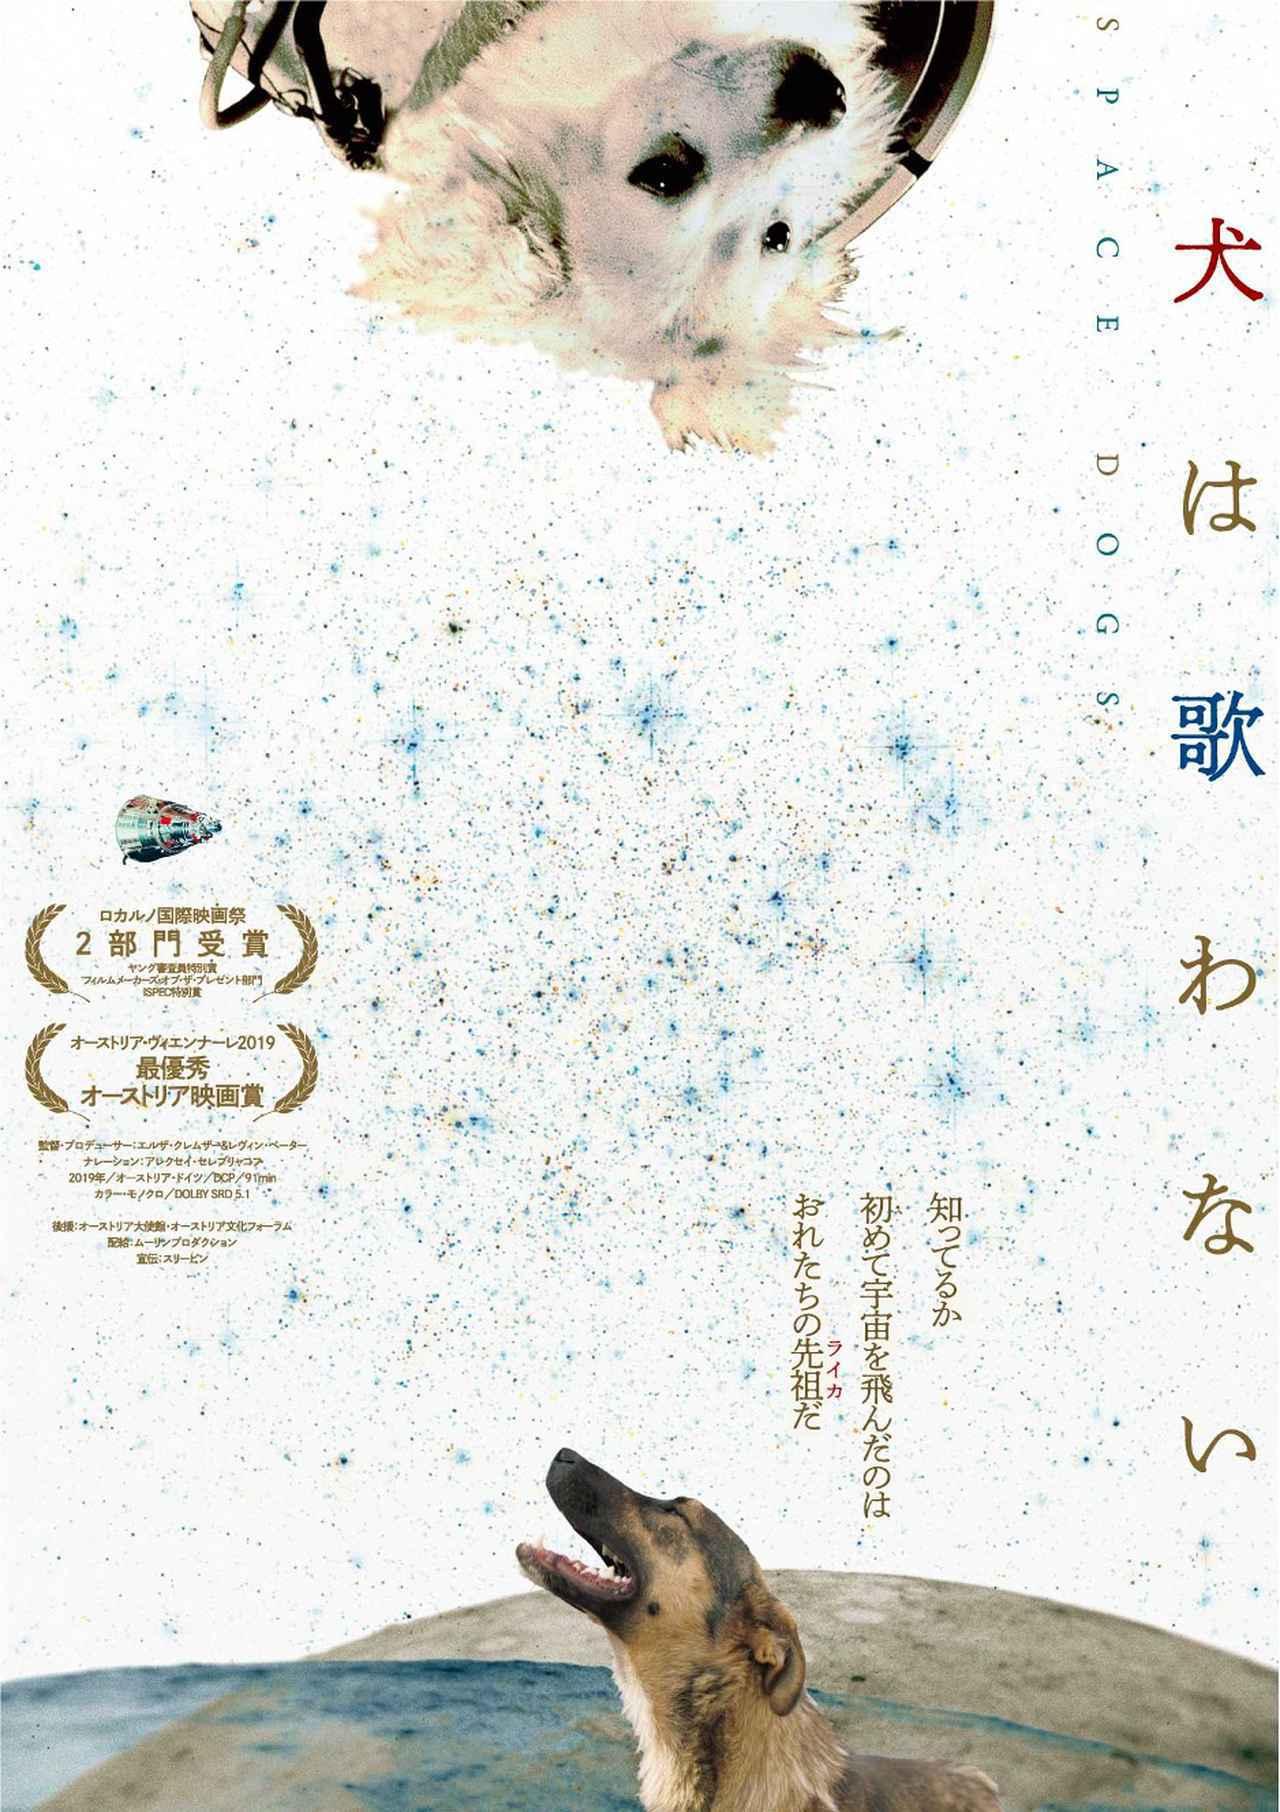 画像1: (C)Raumzeitfilm